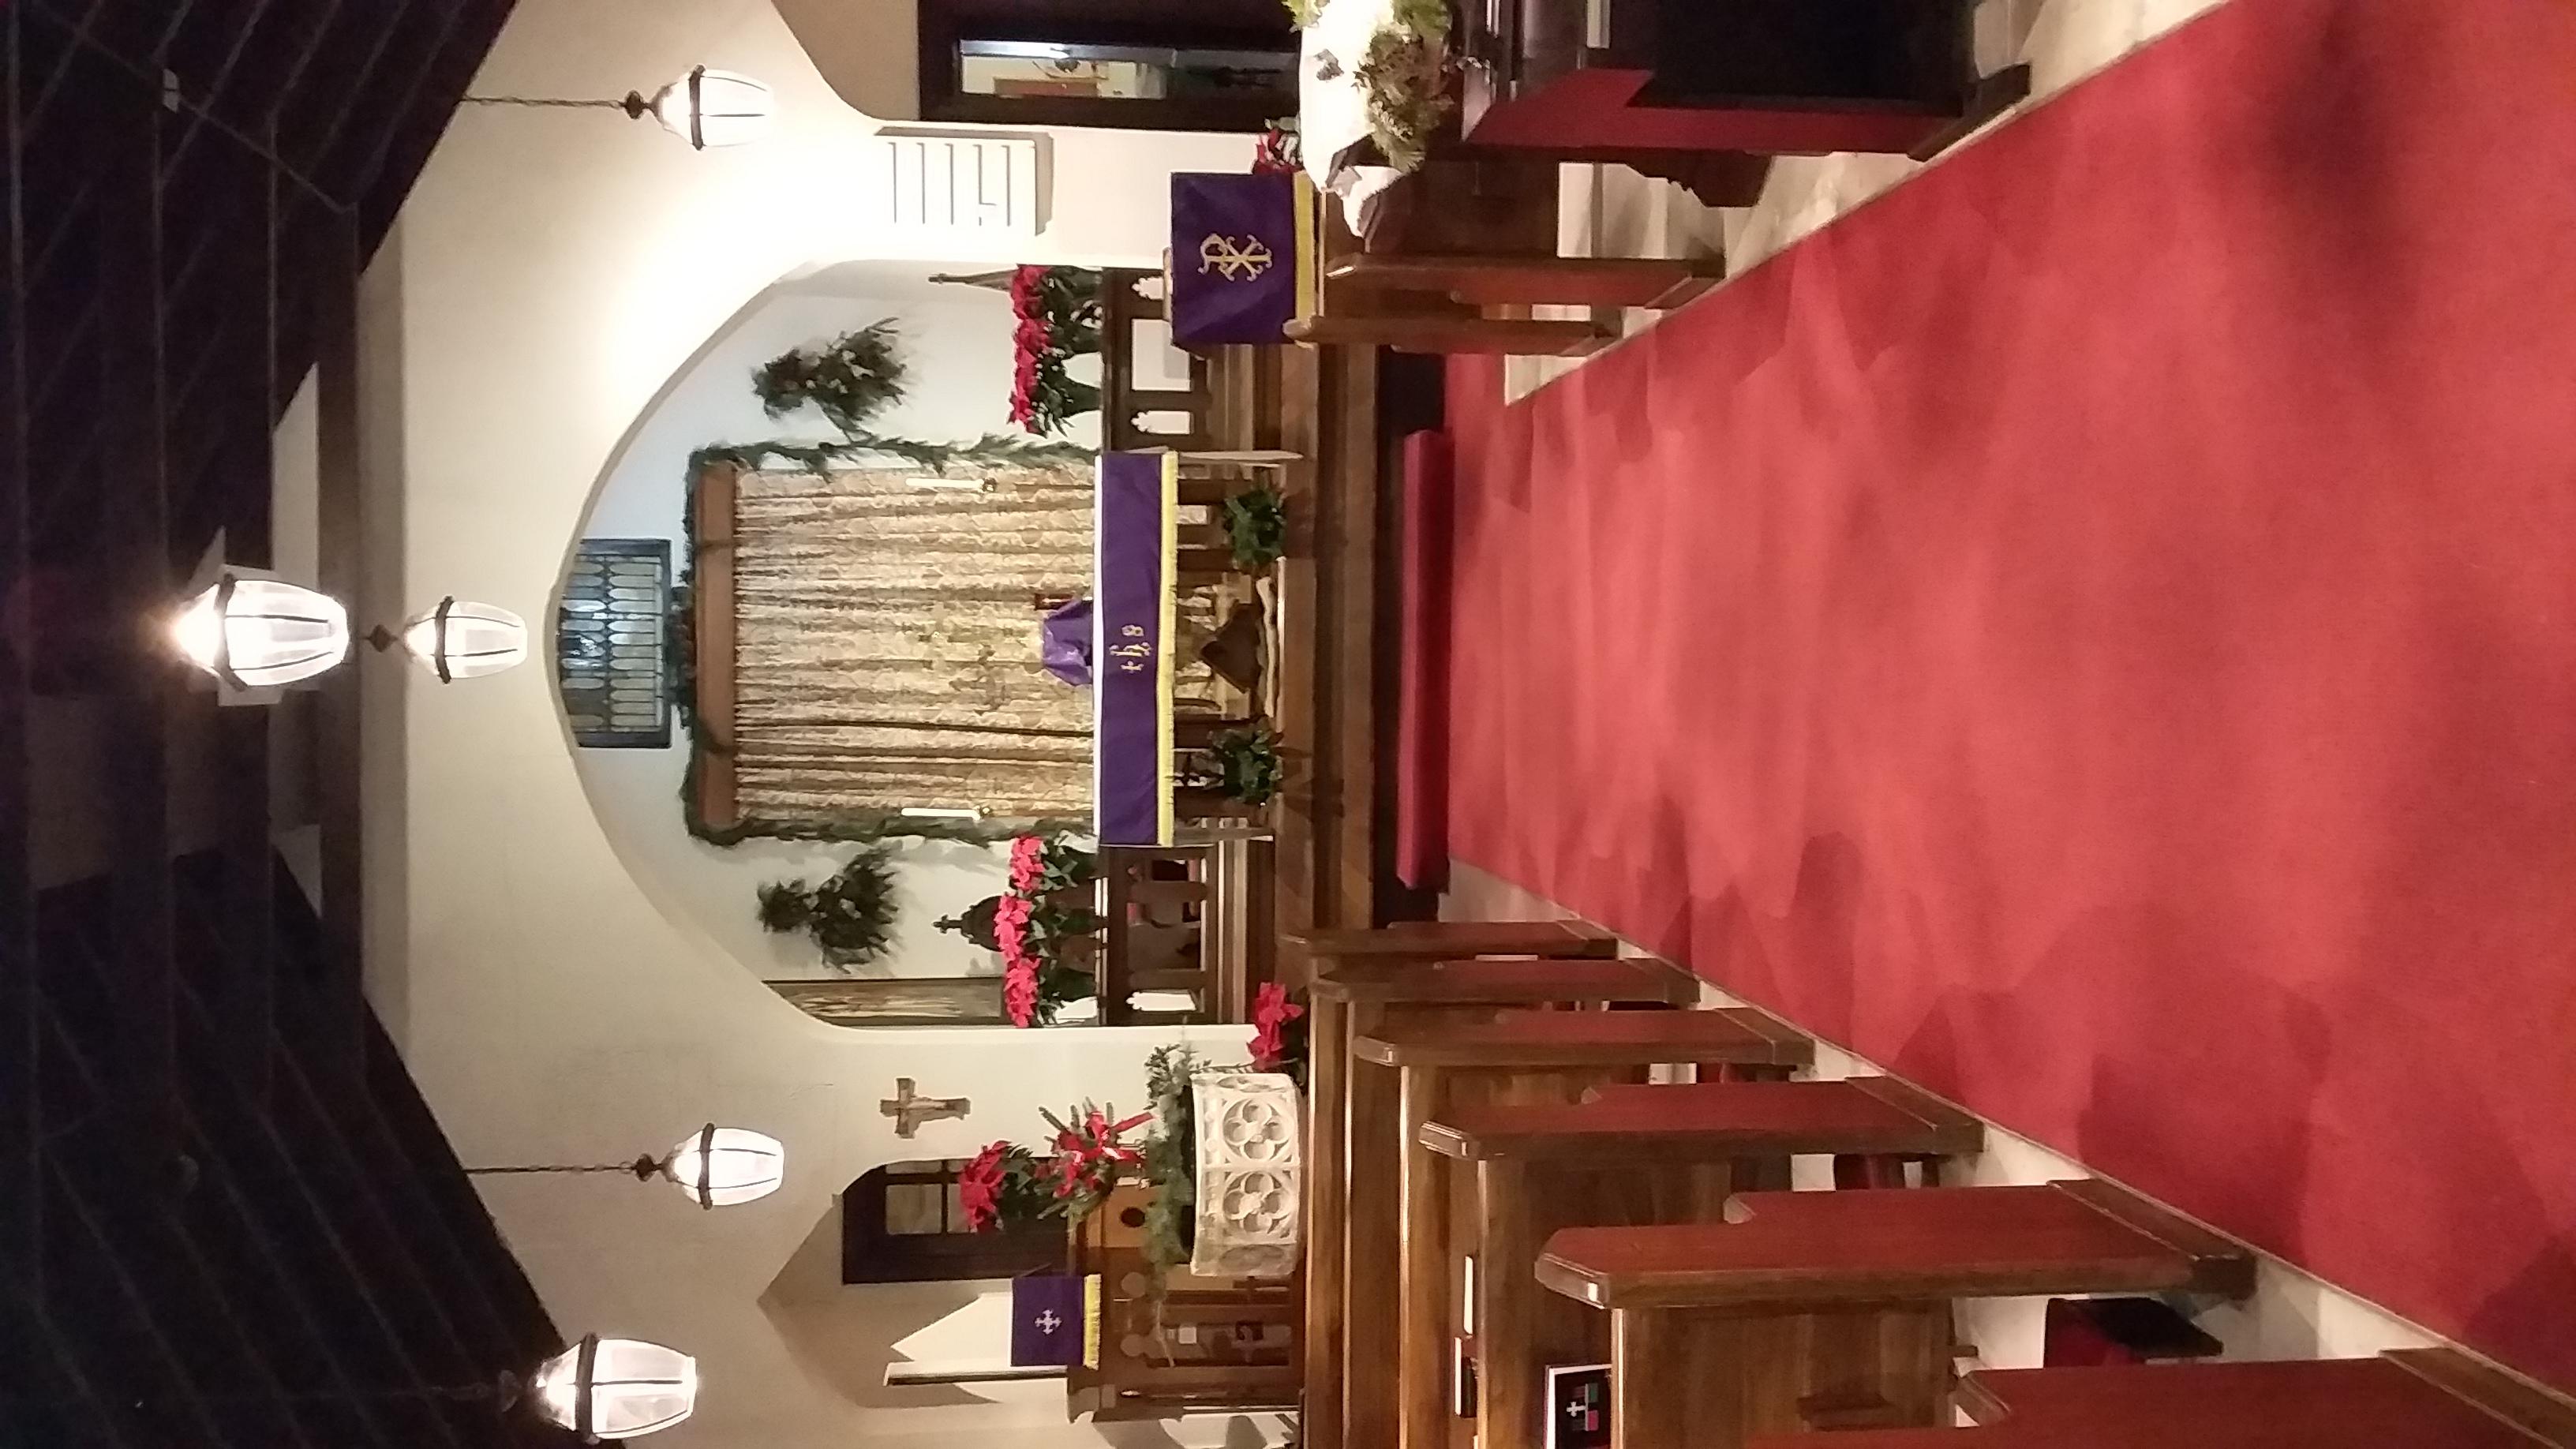 Chapel Dec 2018